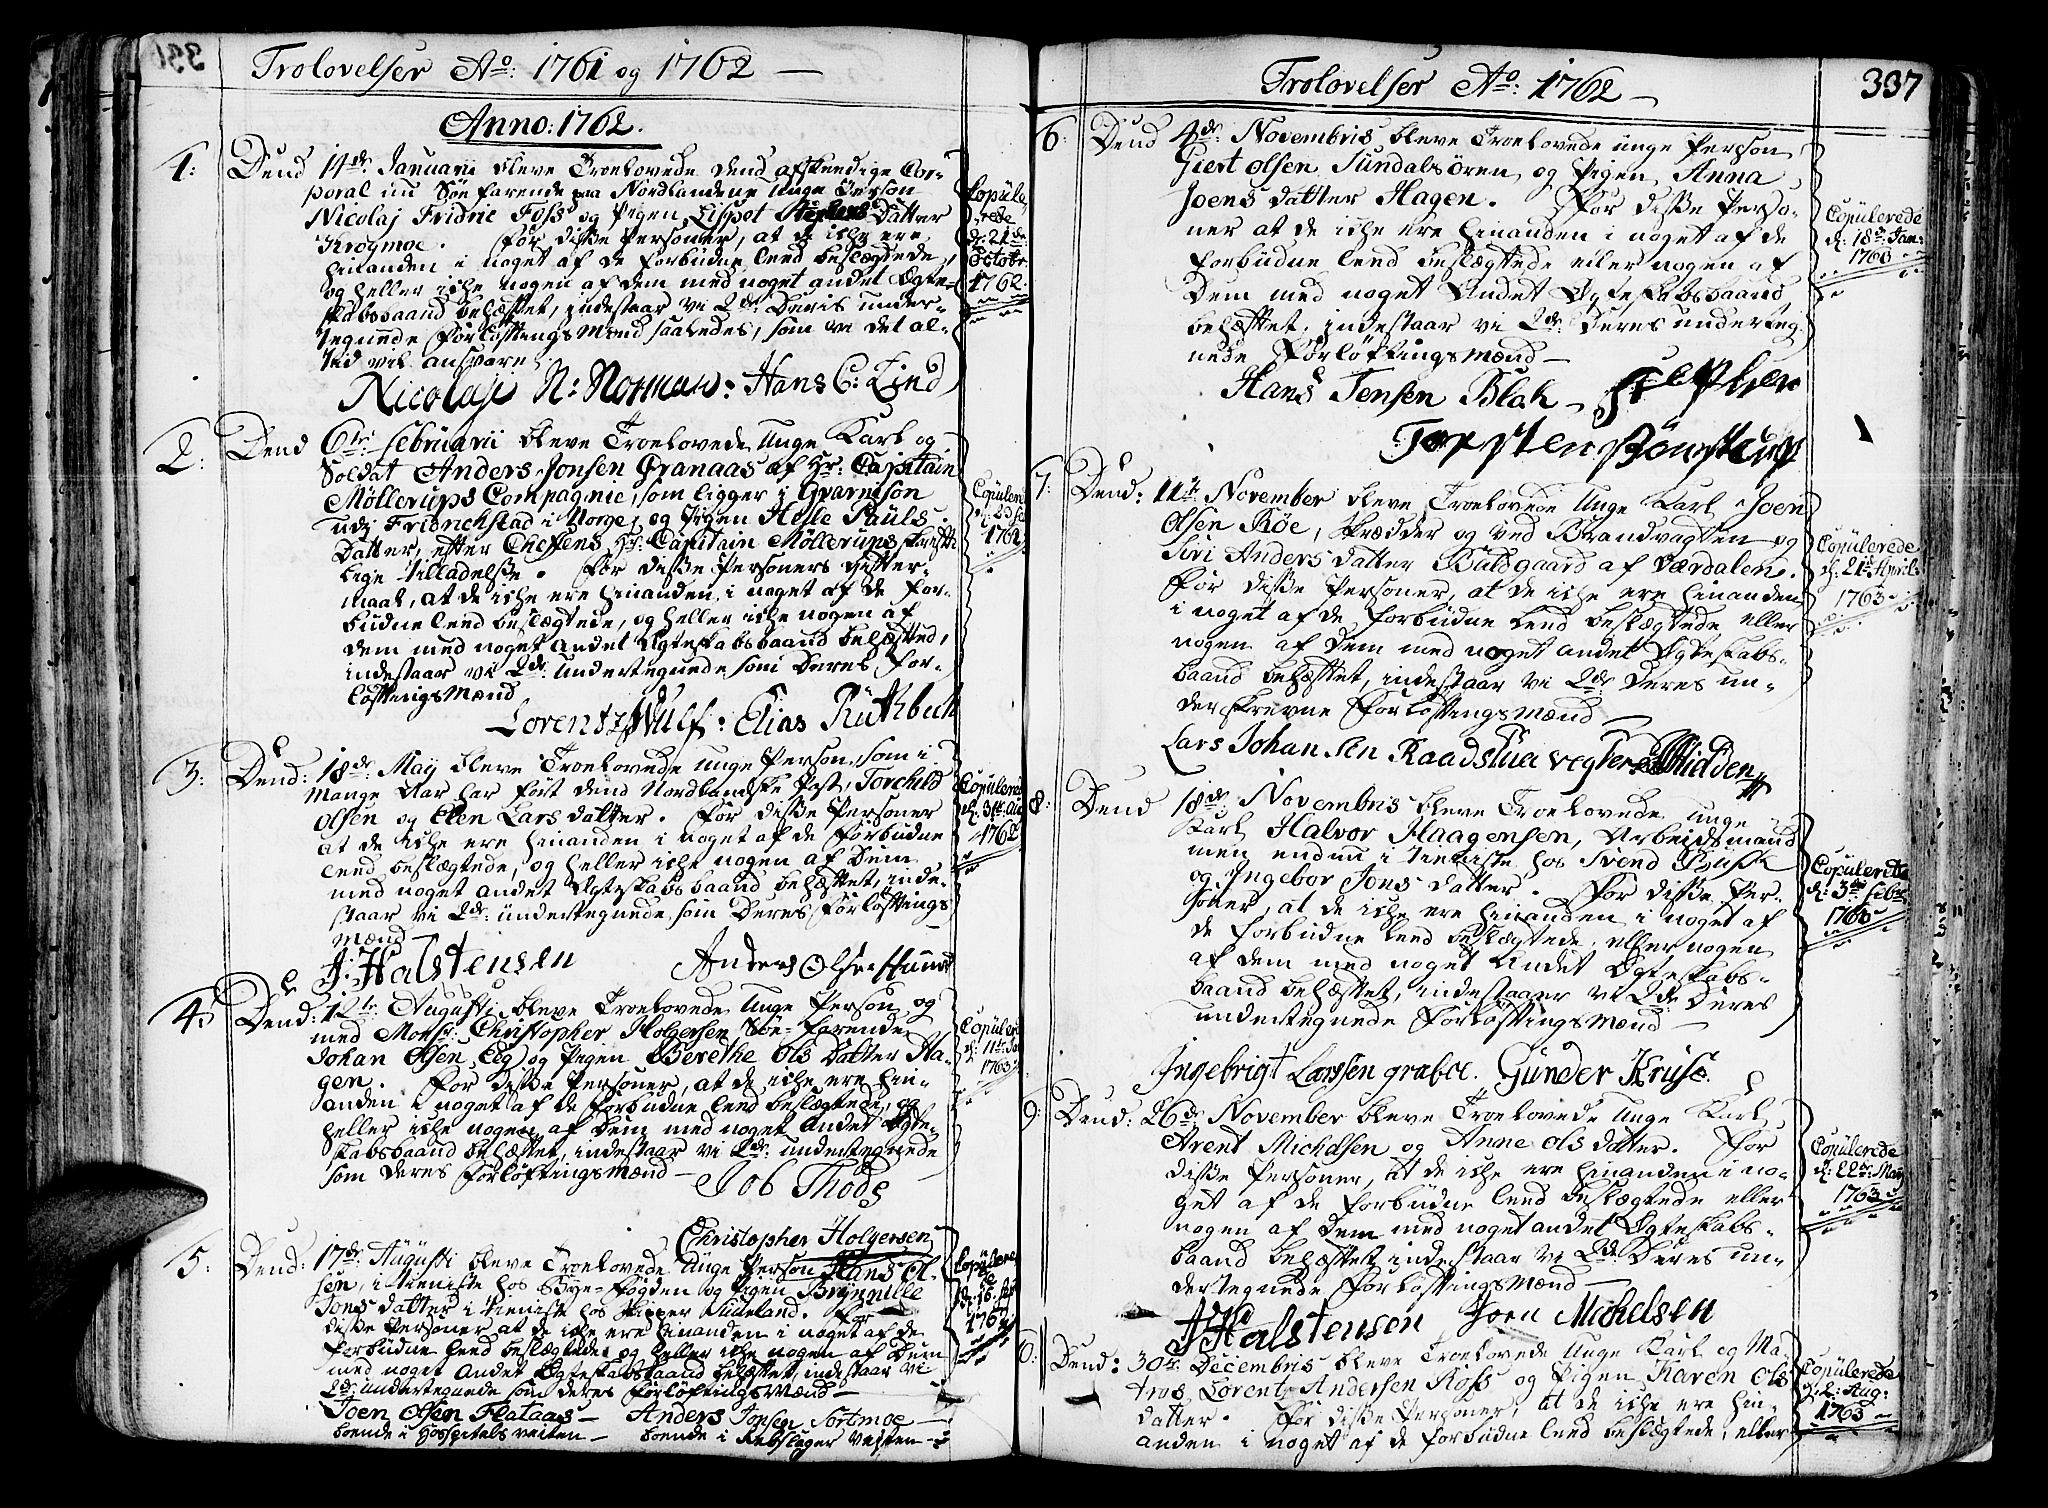 SAT, Ministerialprotokoller, klokkerbøker og fødselsregistre - Sør-Trøndelag, 602/L0103: Ministerialbok nr. 602A01, 1732-1774, s. 337